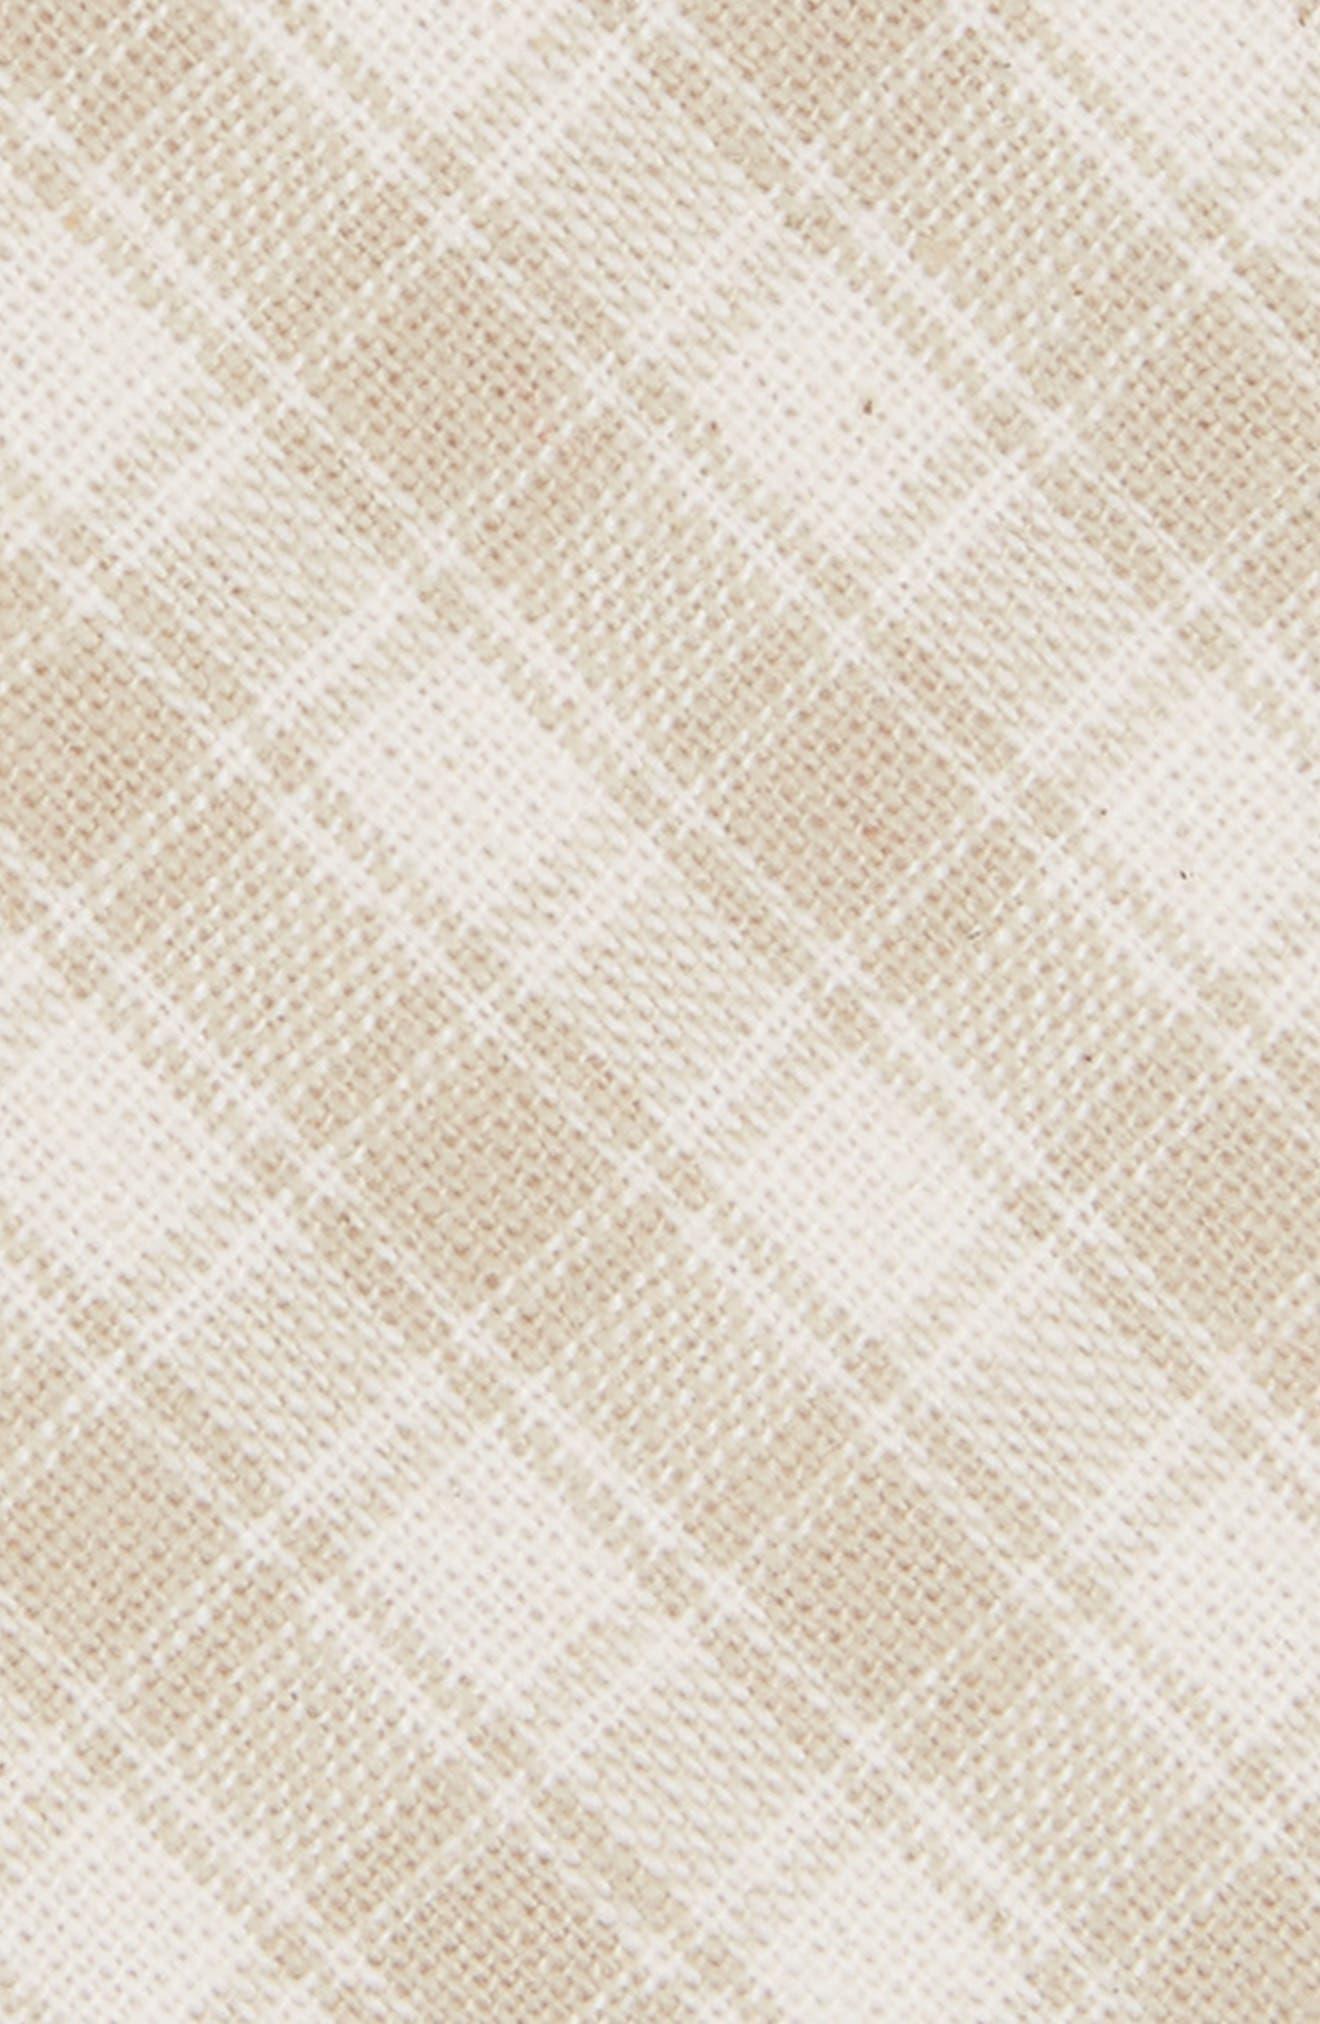 Mesh Plaid Cotton Tie,                             Alternate thumbnail 2, color,                             264